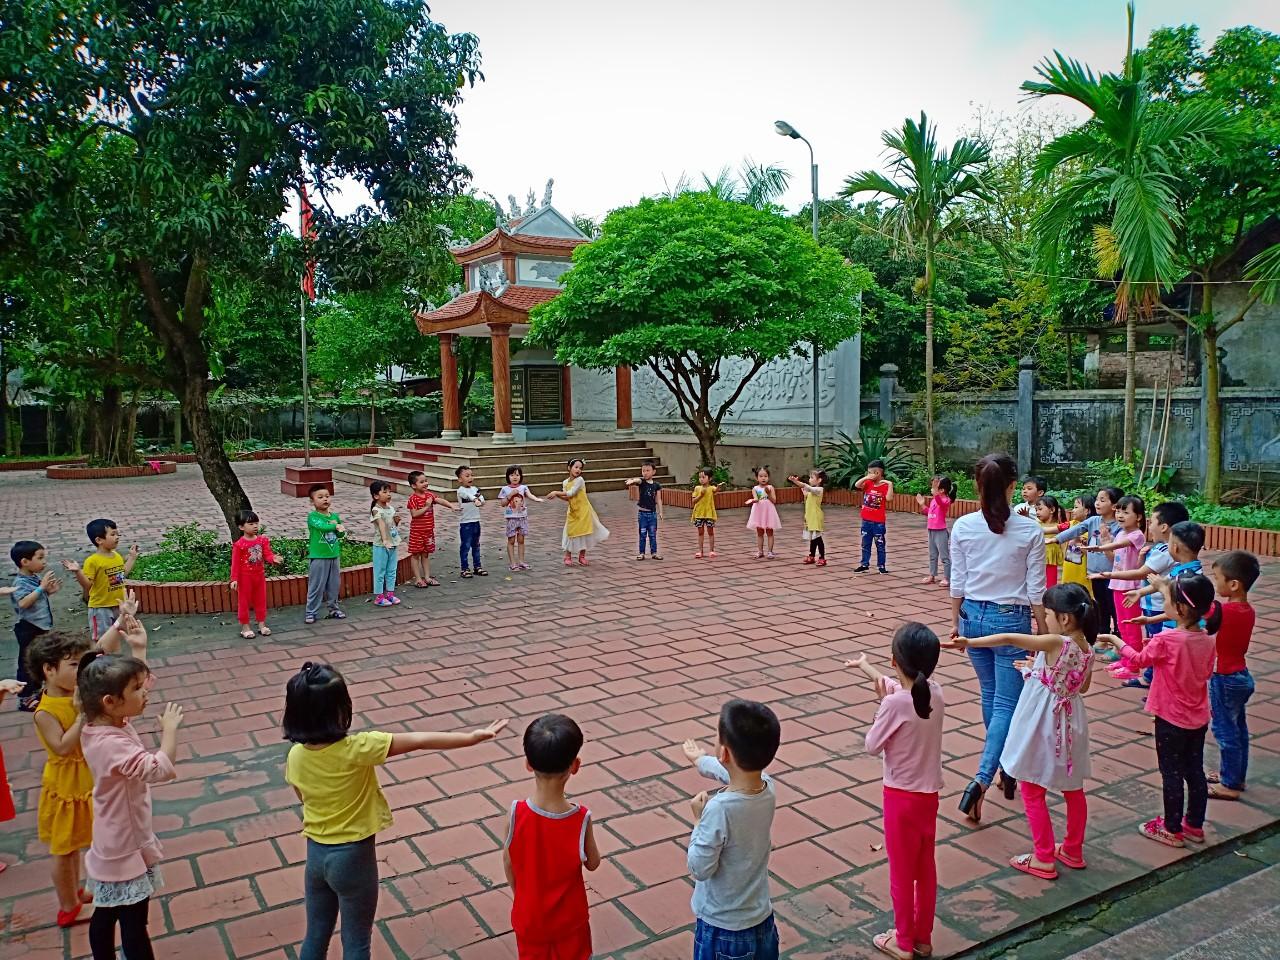 Cô và trẻ cùng chơi trò chơi trong sân khu tưởng niệm